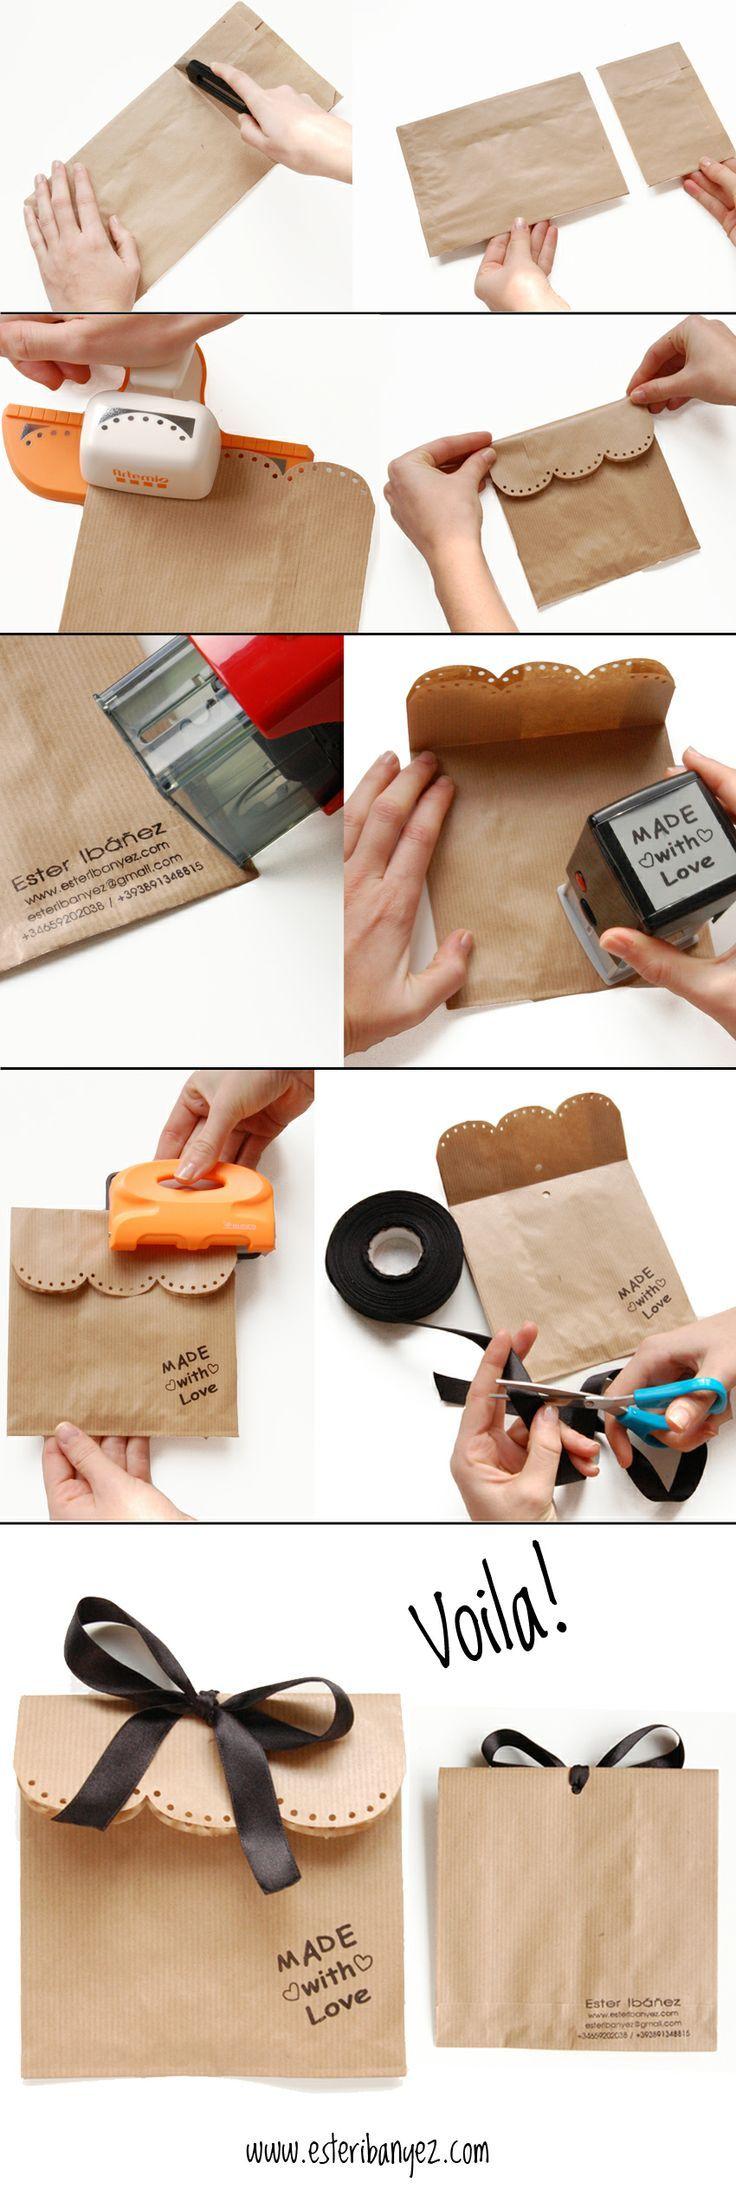 Criatividade, ideia boa e barata!